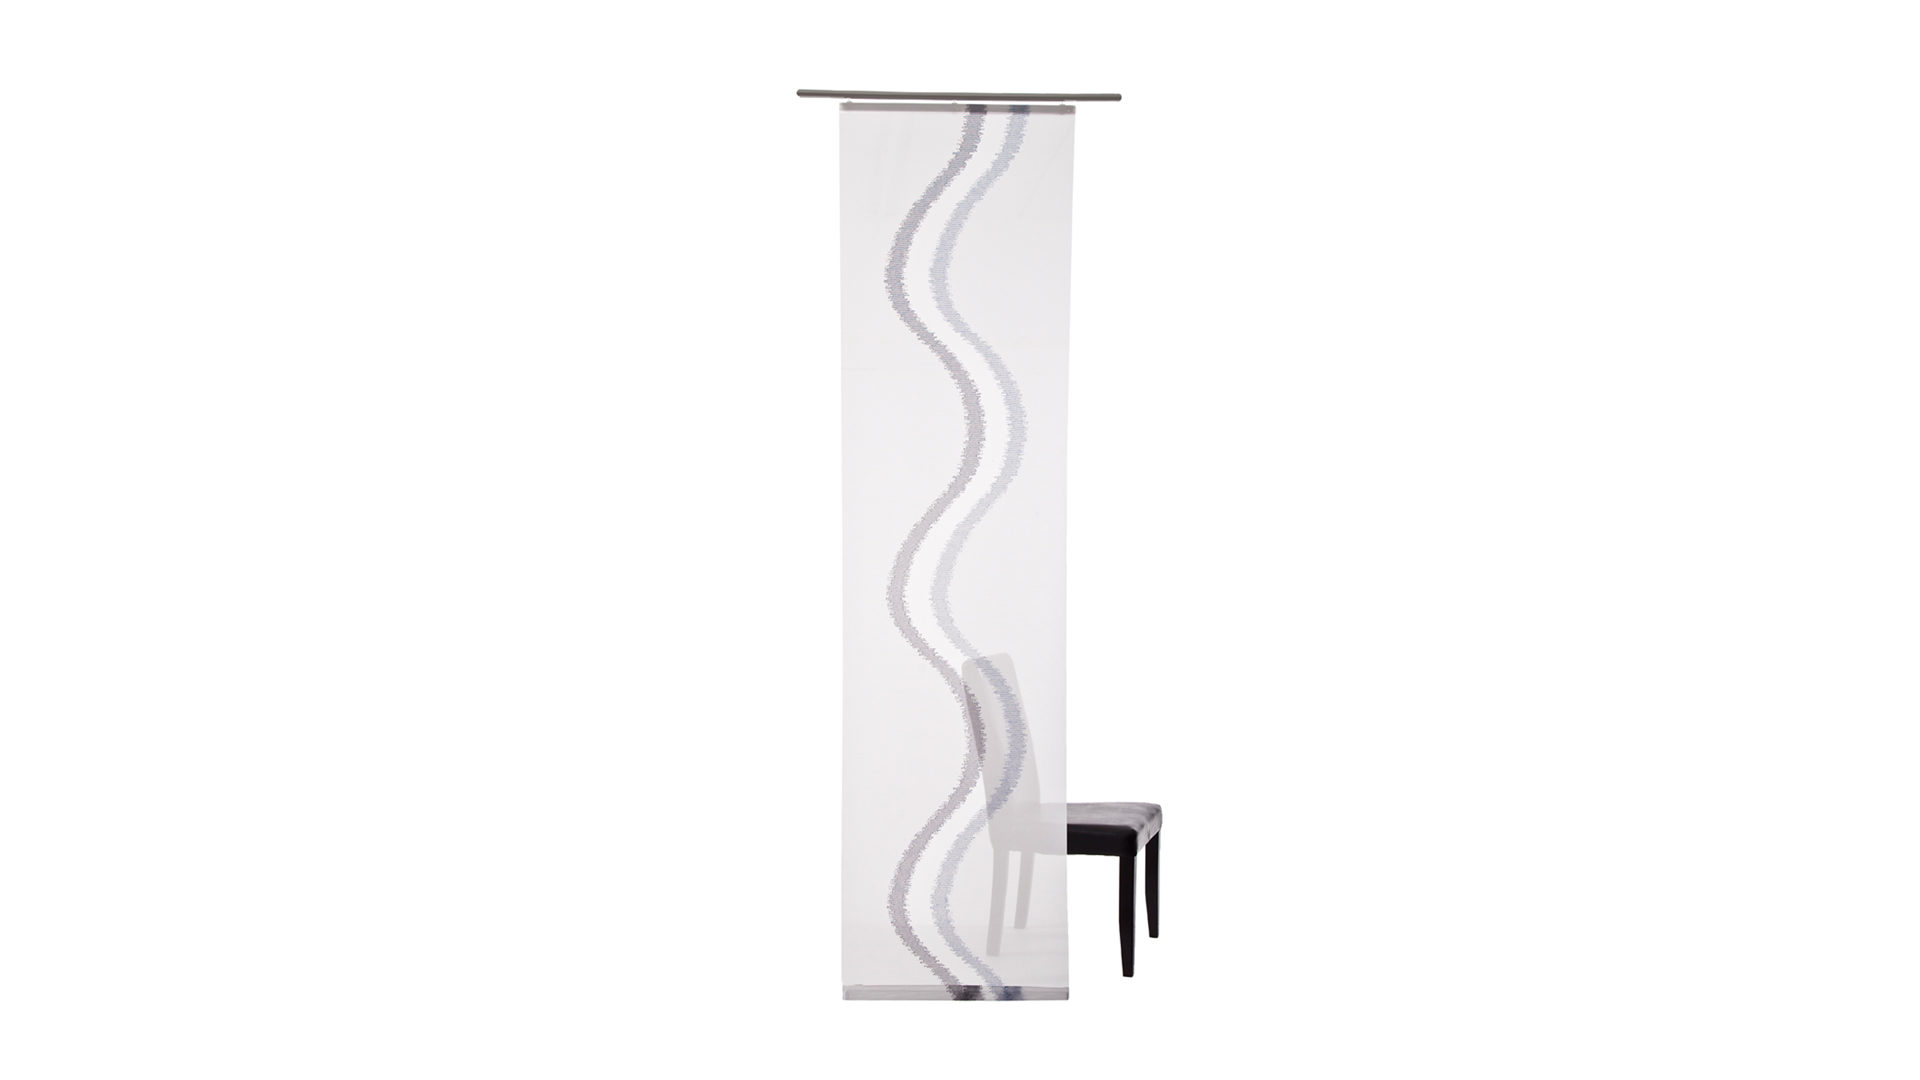 Möbel Hugelmann Lahr | Möbel A Z | Textilien | Gardinen + Vorhänge